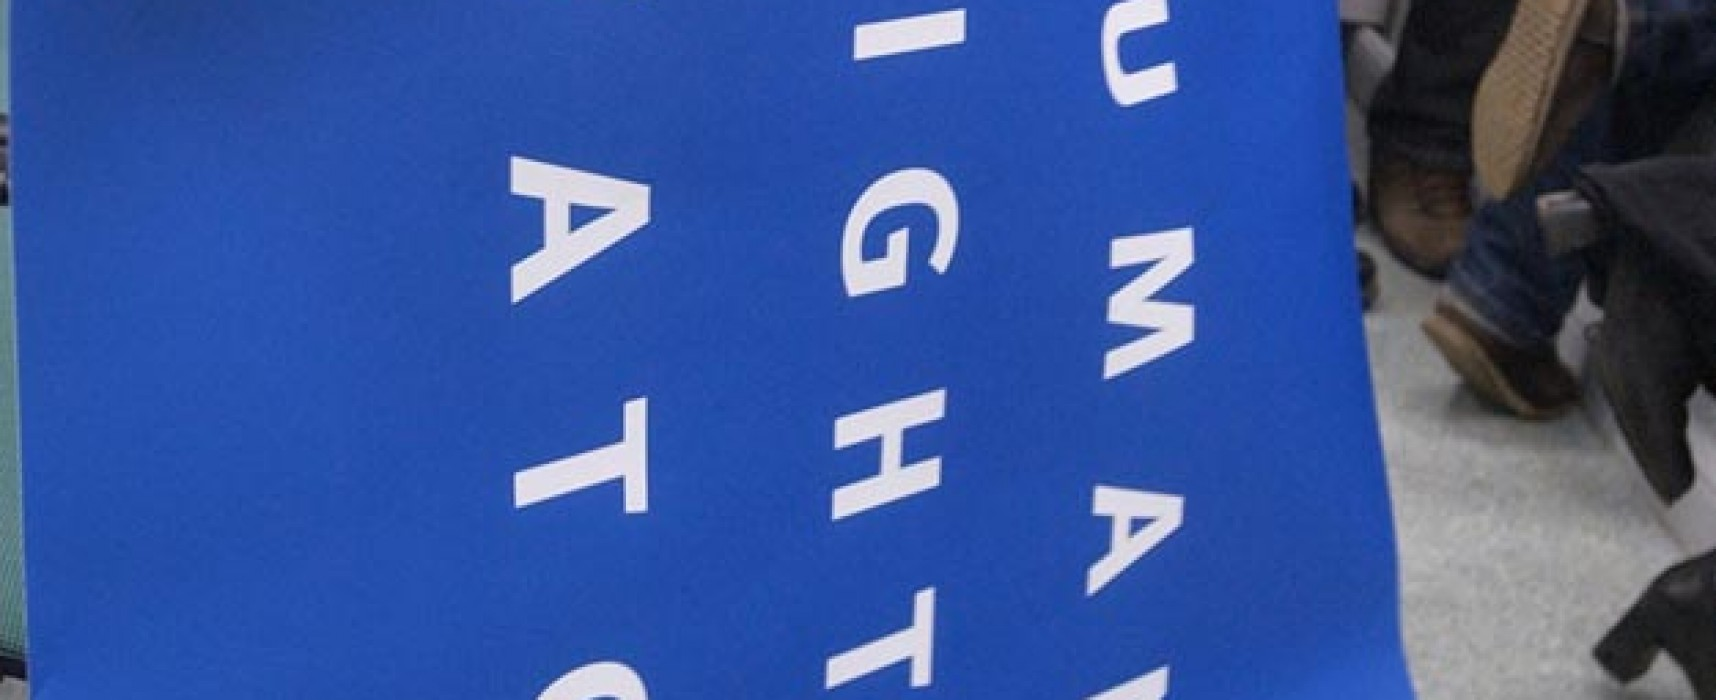 В Госдуму внесен законопроект о создании списка «нежелательных» иностранных и международных организаций